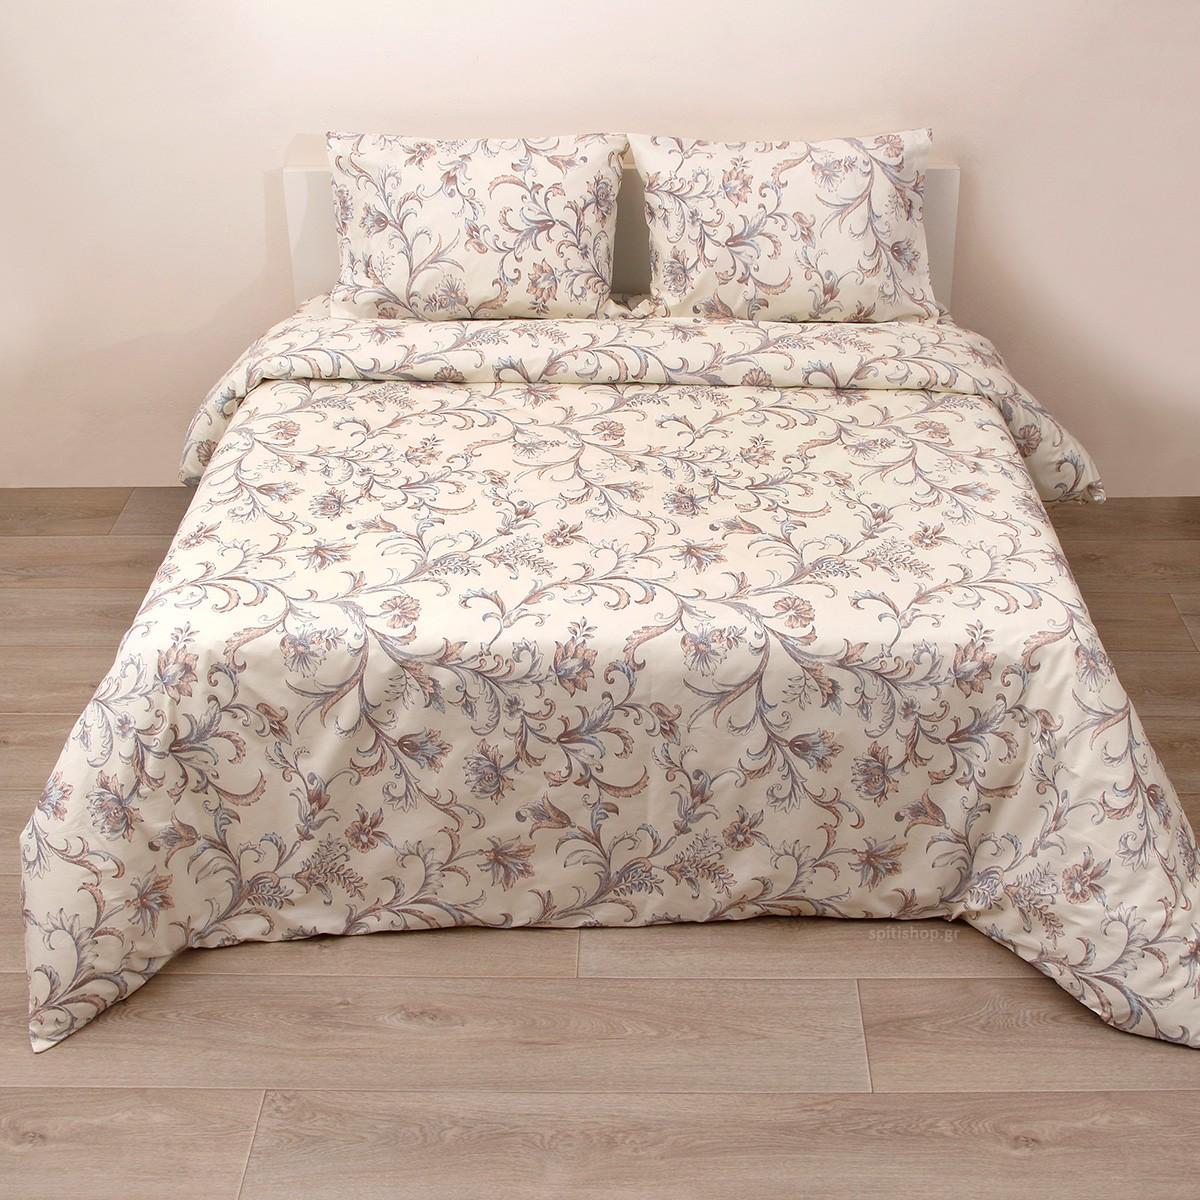 Κουβερλί Ημίδιπλο (Σετ) Viopros Fresh Έβελιν home   κρεβατοκάμαρα   κουβερλί   κουβερλί ημίδιπλα   διπλά